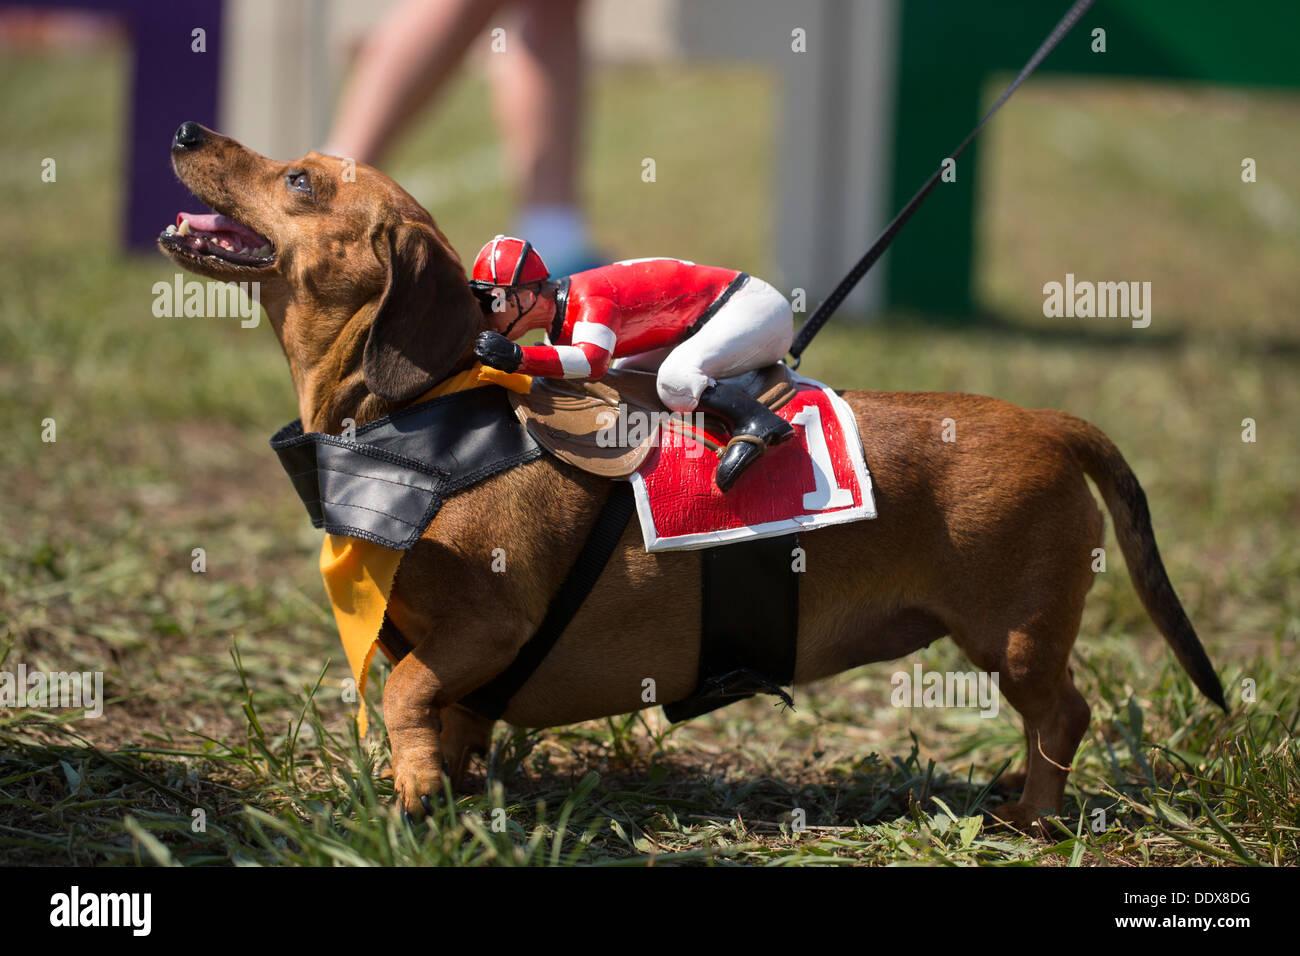 """Un teckel à poils courts en costume sur la photo lors de l'assemblée 'Wiener prend toutes les races teckel"""" à Bella Vista, arche. Photo Stock"""